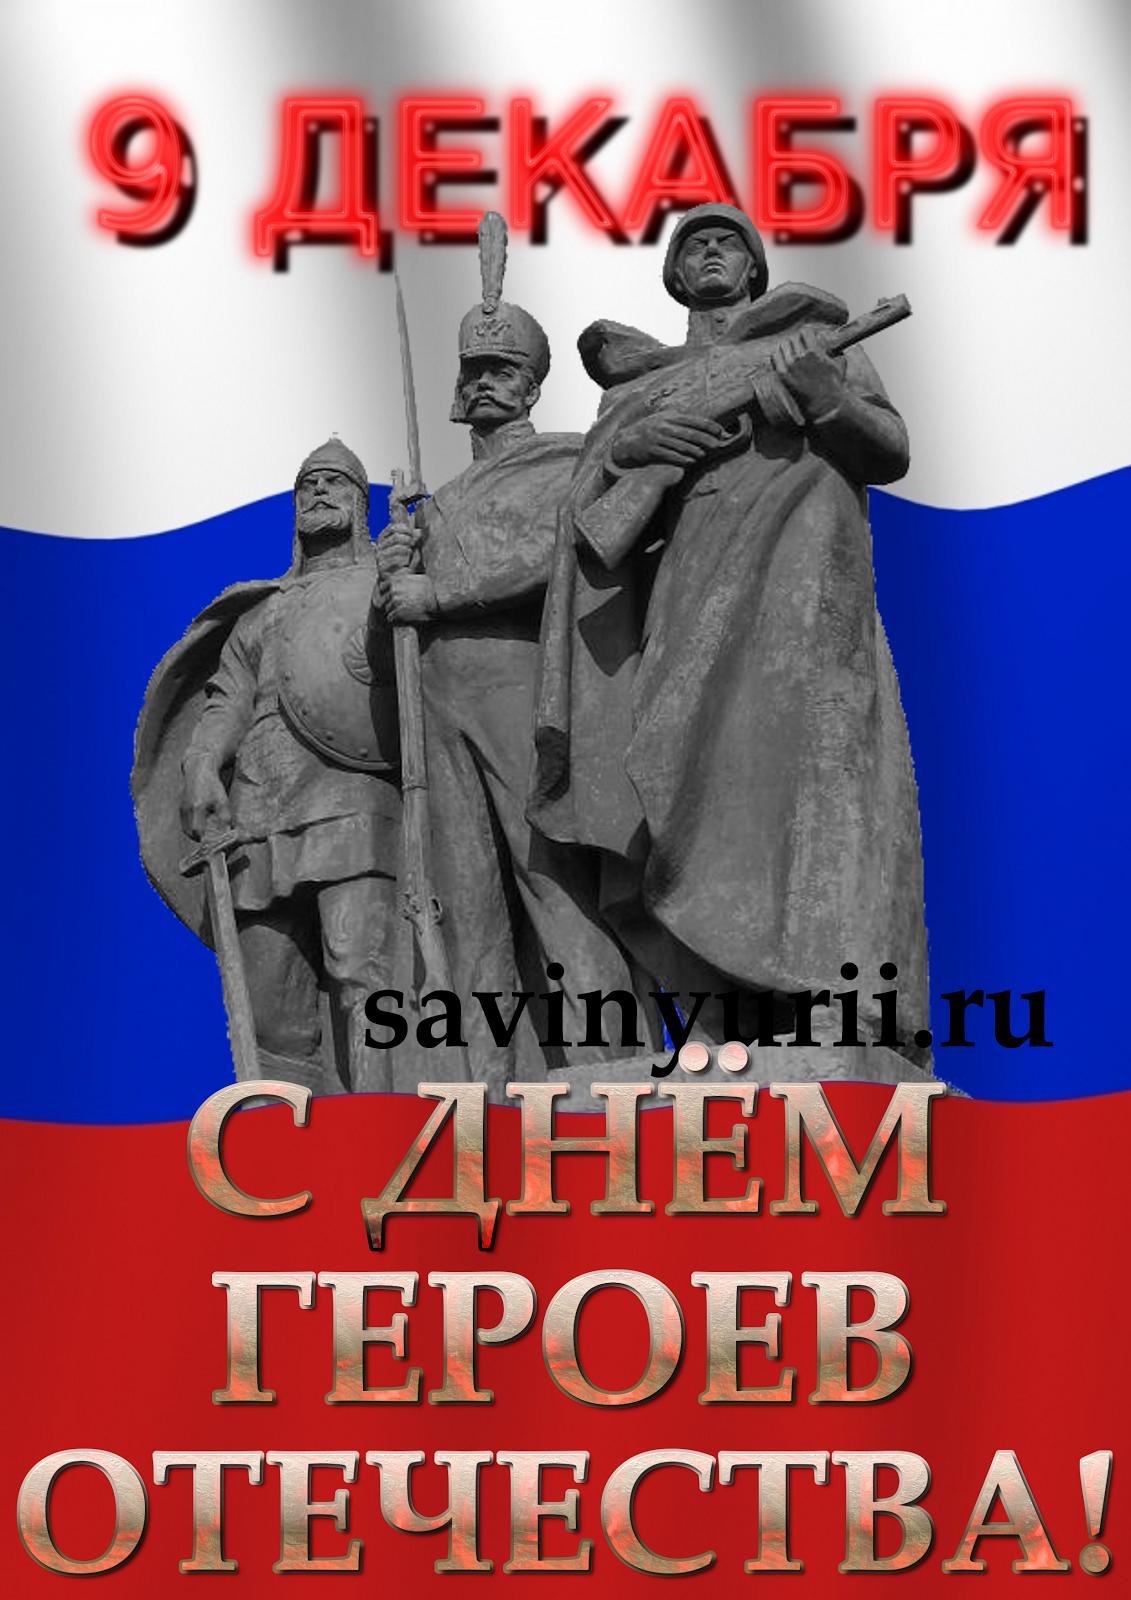 нет плакат героев отечества которые наносят